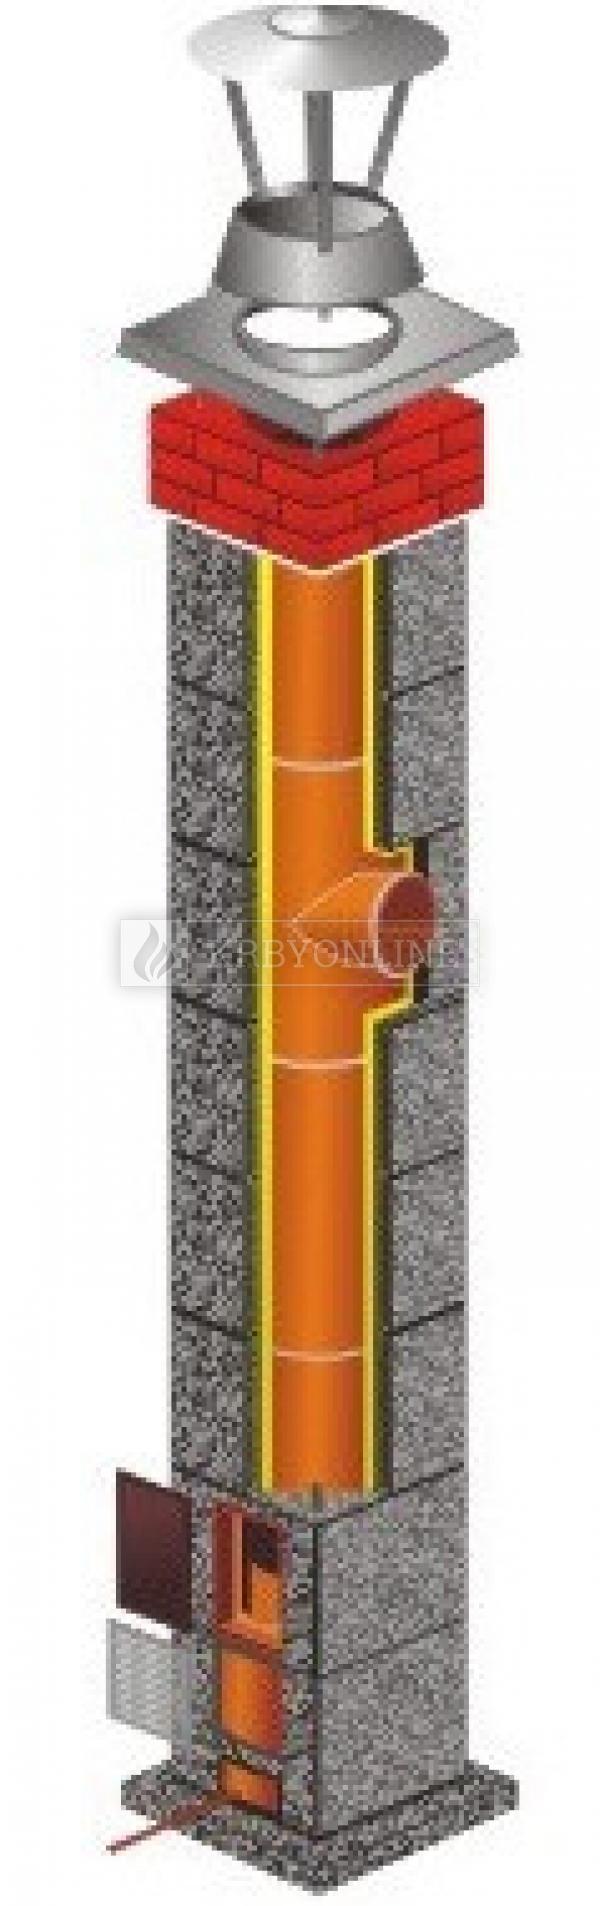 Stadreko - Jednoprieduchový komínový systém s vatou Ø 160 krbyonline